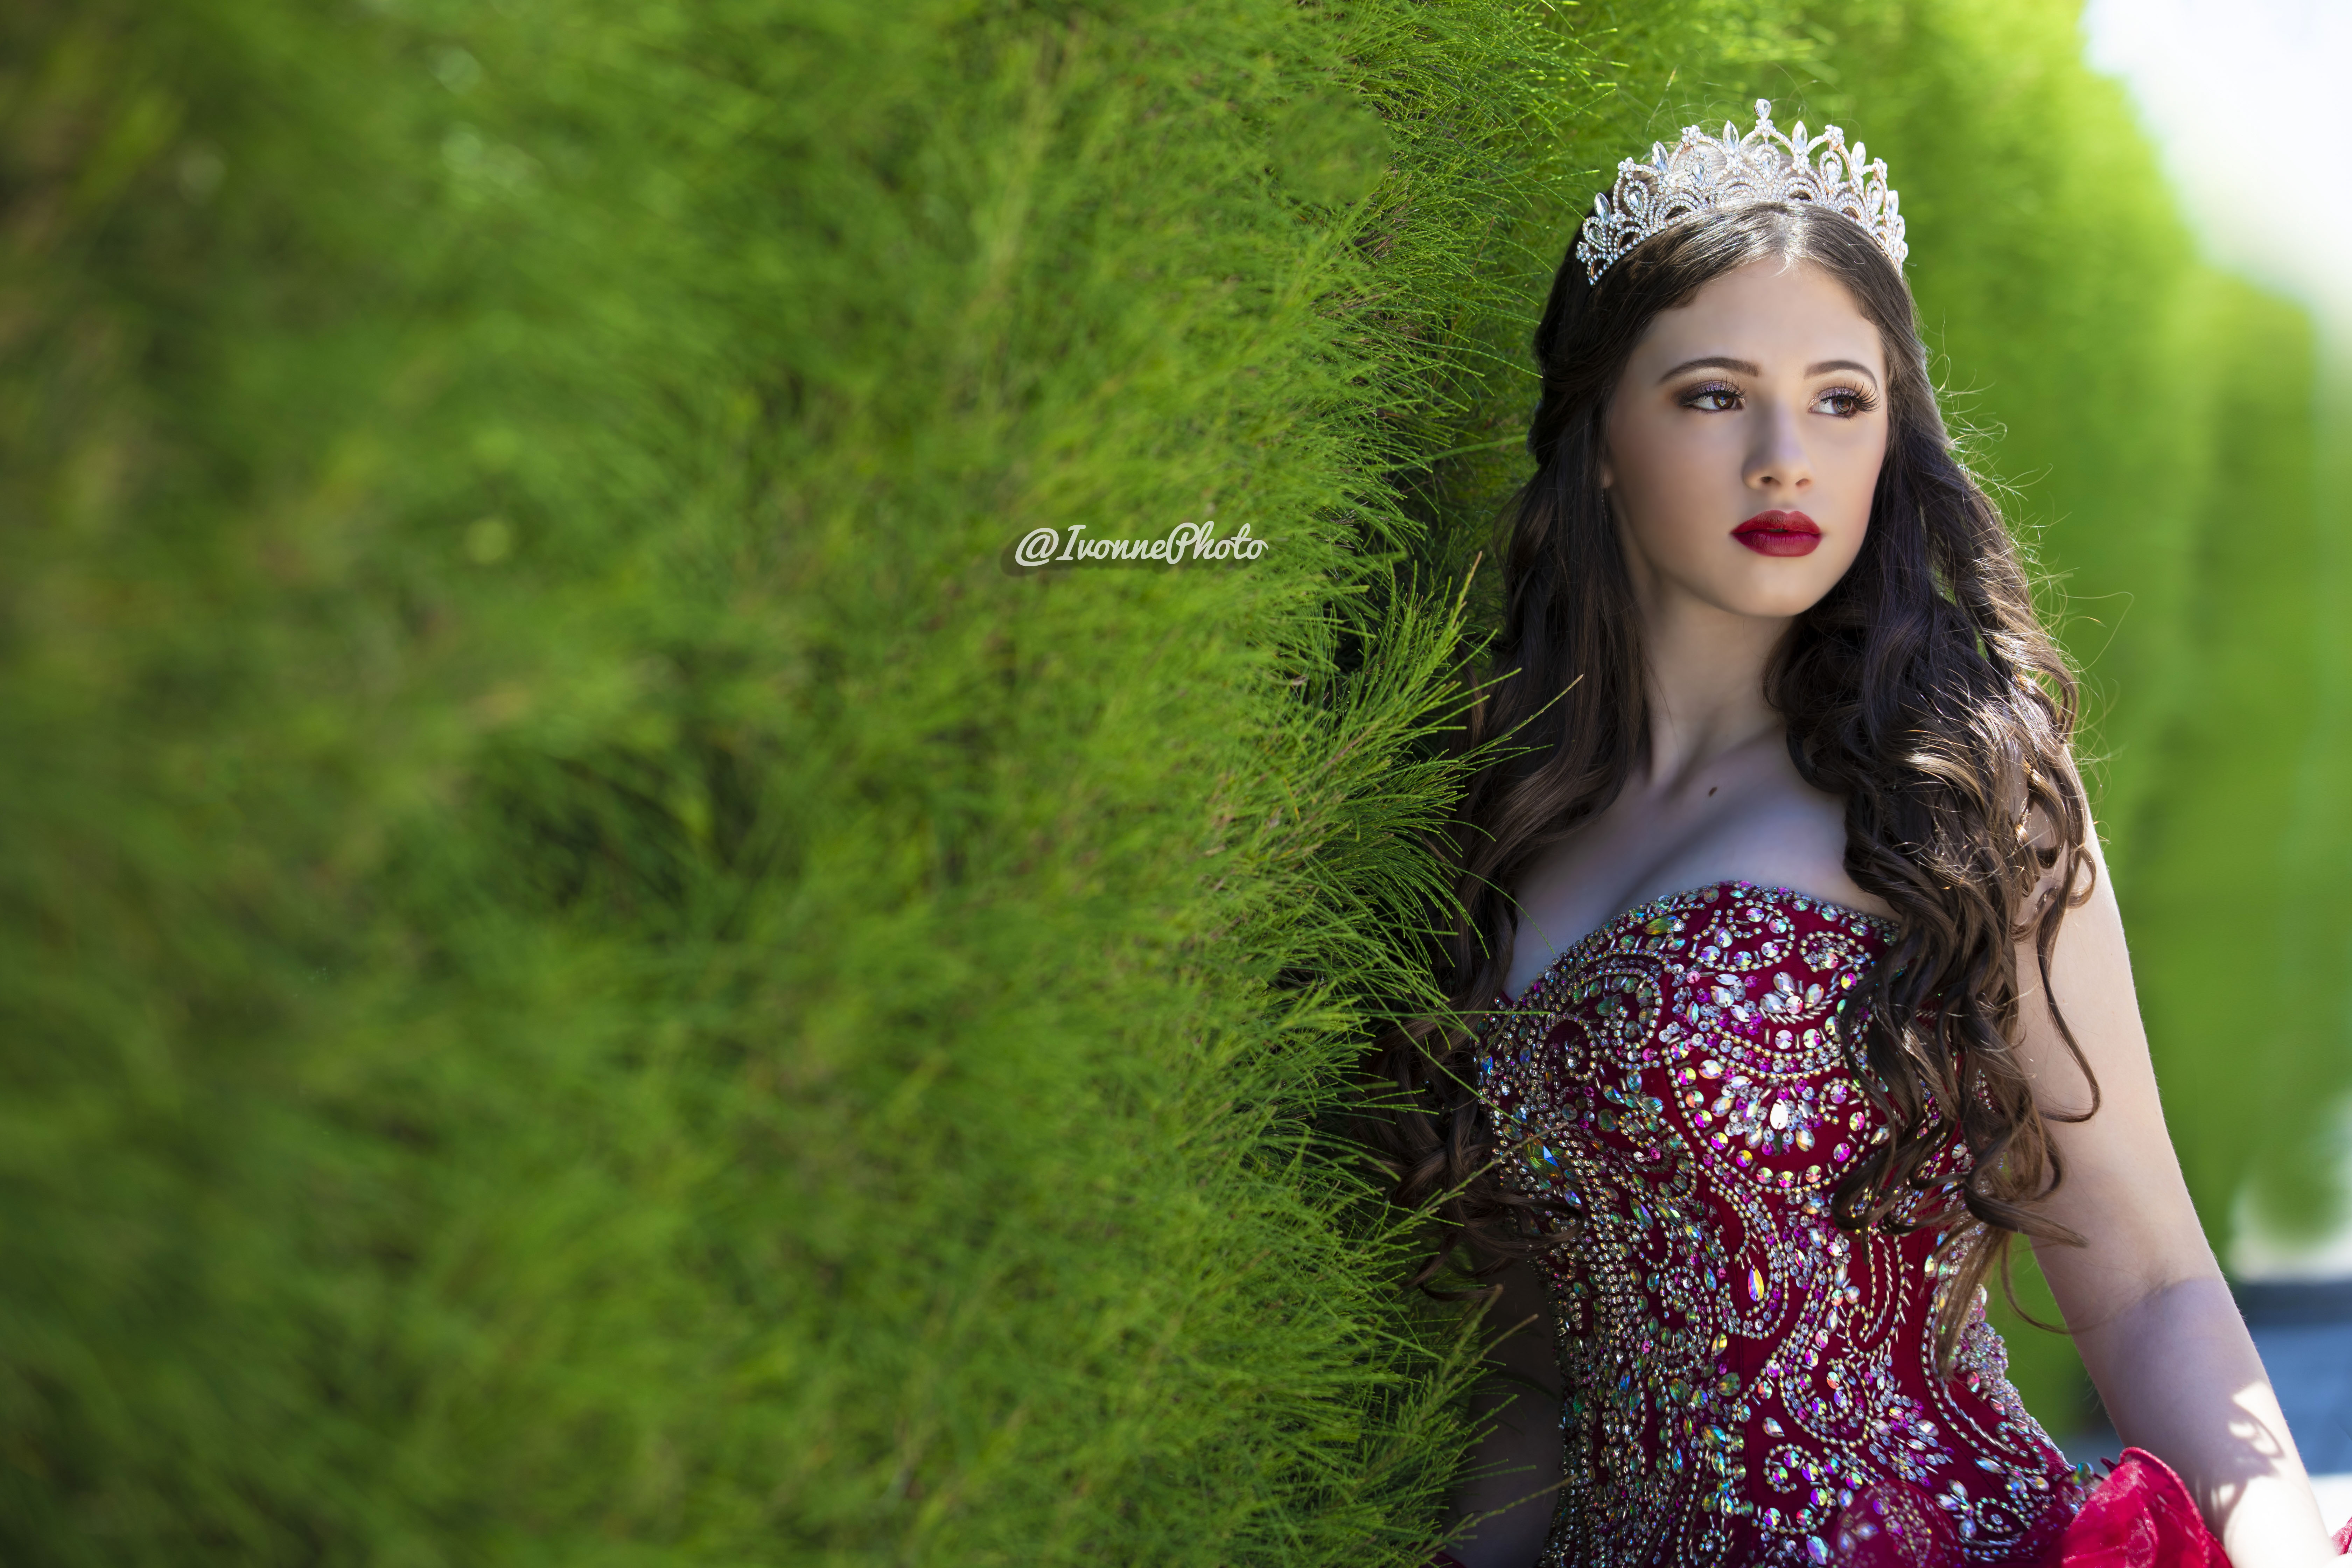 Brenda (Olga) 011592